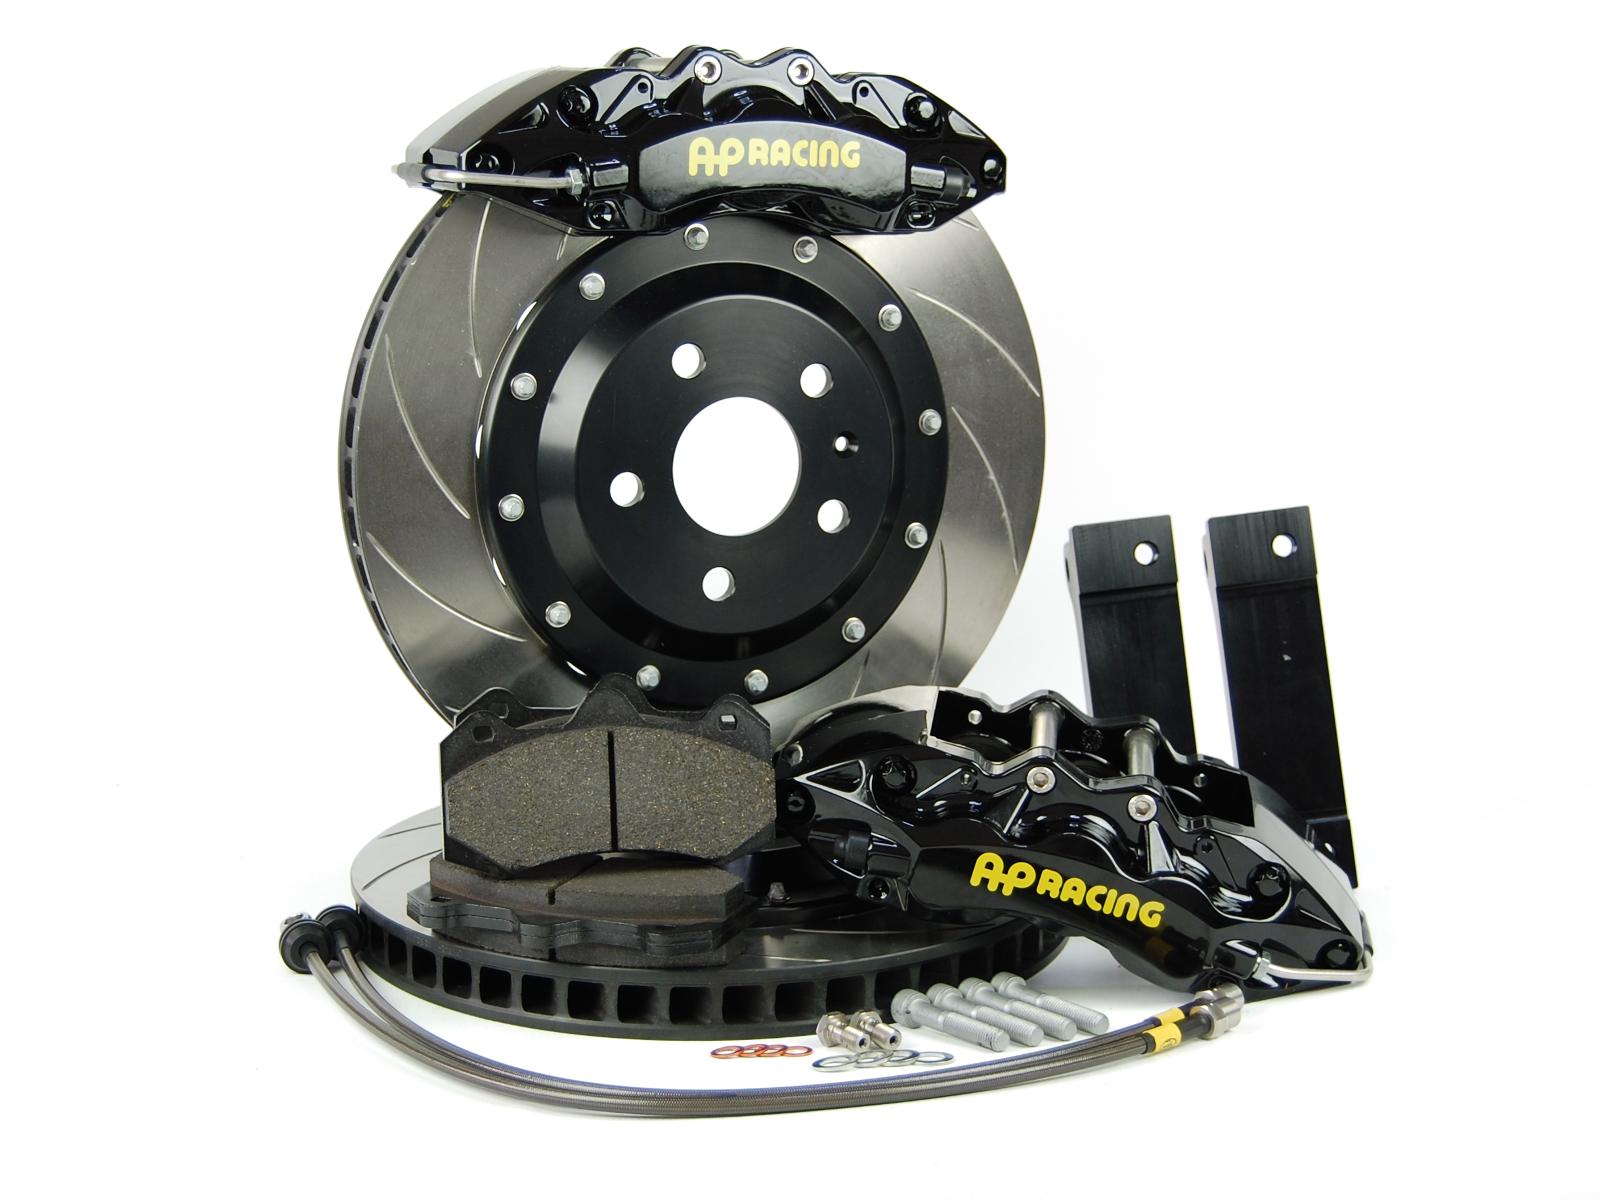 AP Racing CP5108-1003 Тормозная система зад 4-поршневая для MITSUBISHI EVO4-9